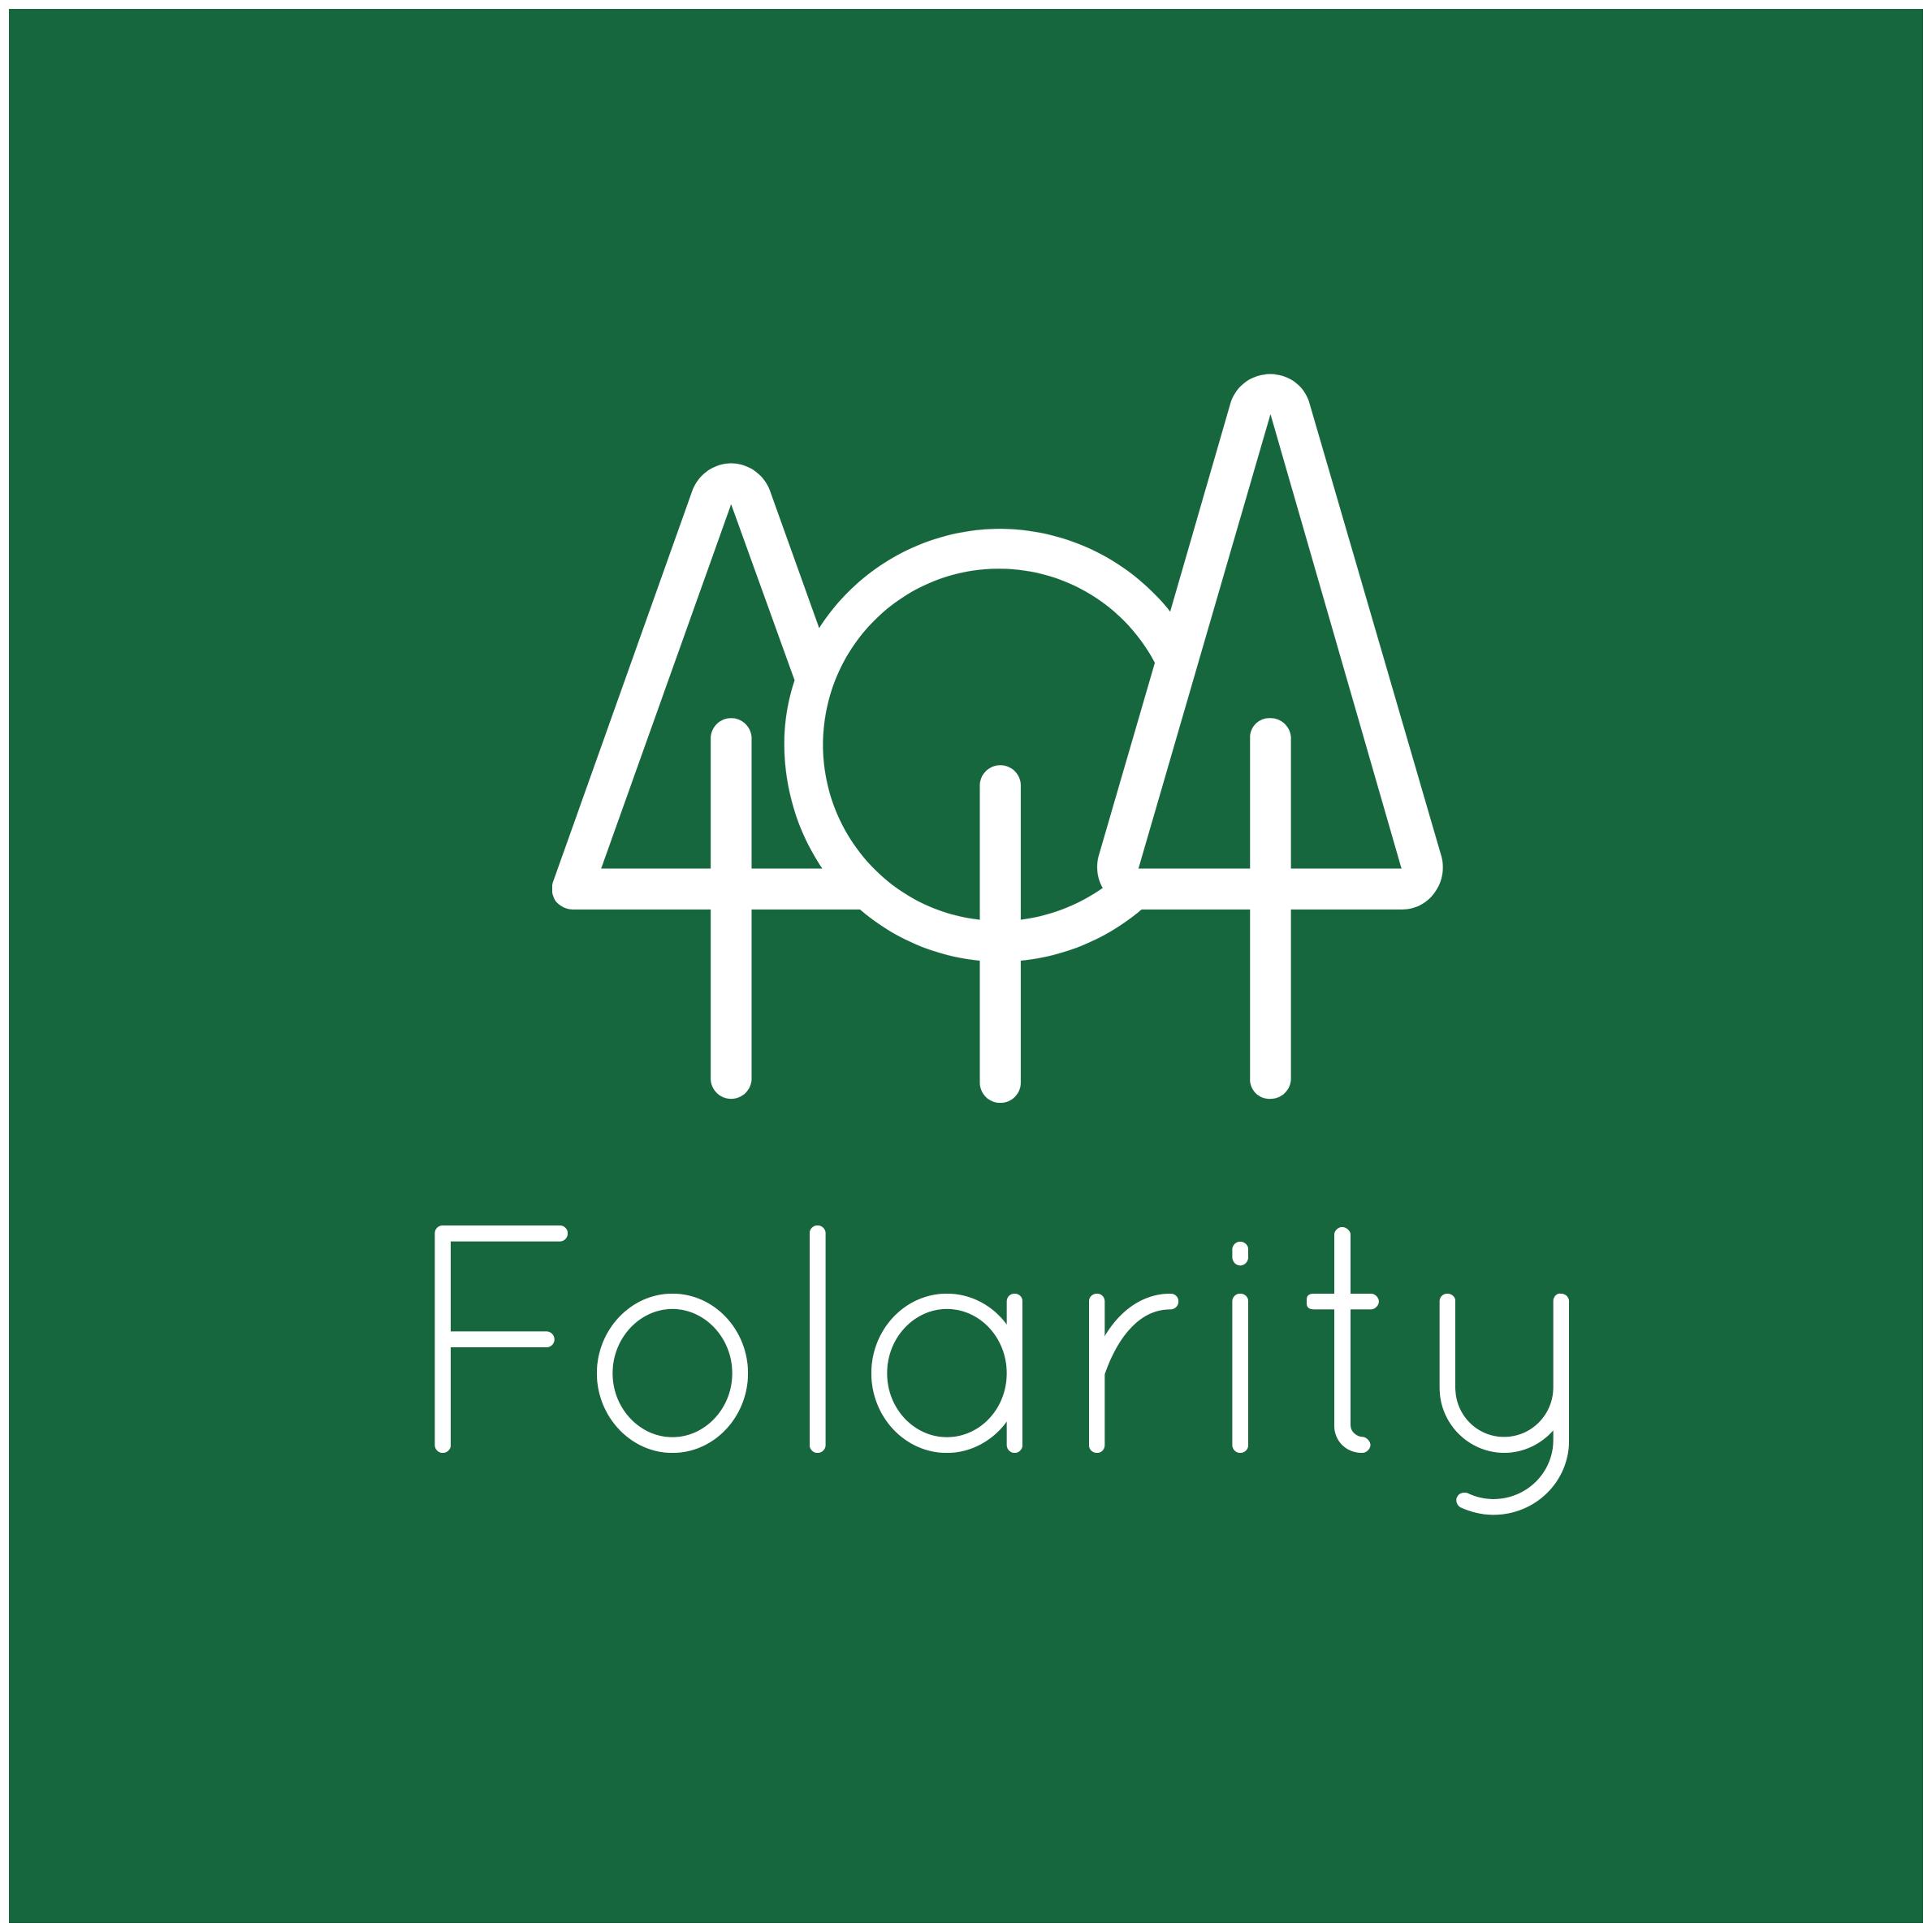 Folarity Company Logo